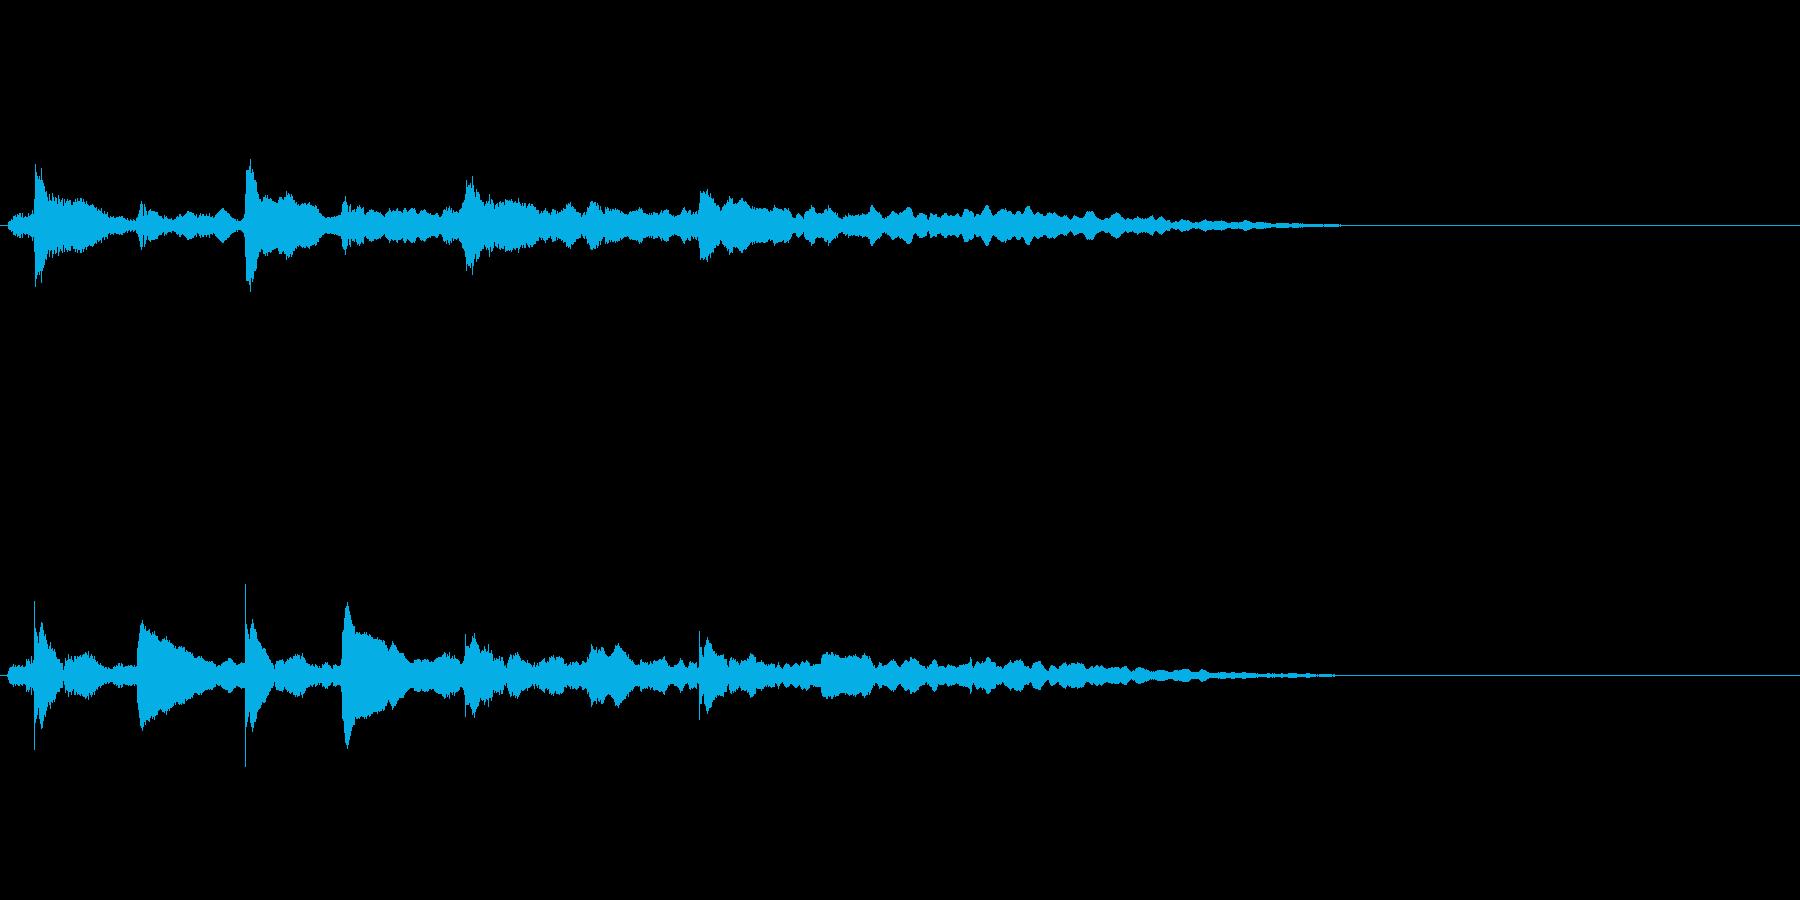 【ロゴ、ジングル】ピアノ03の再生済みの波形